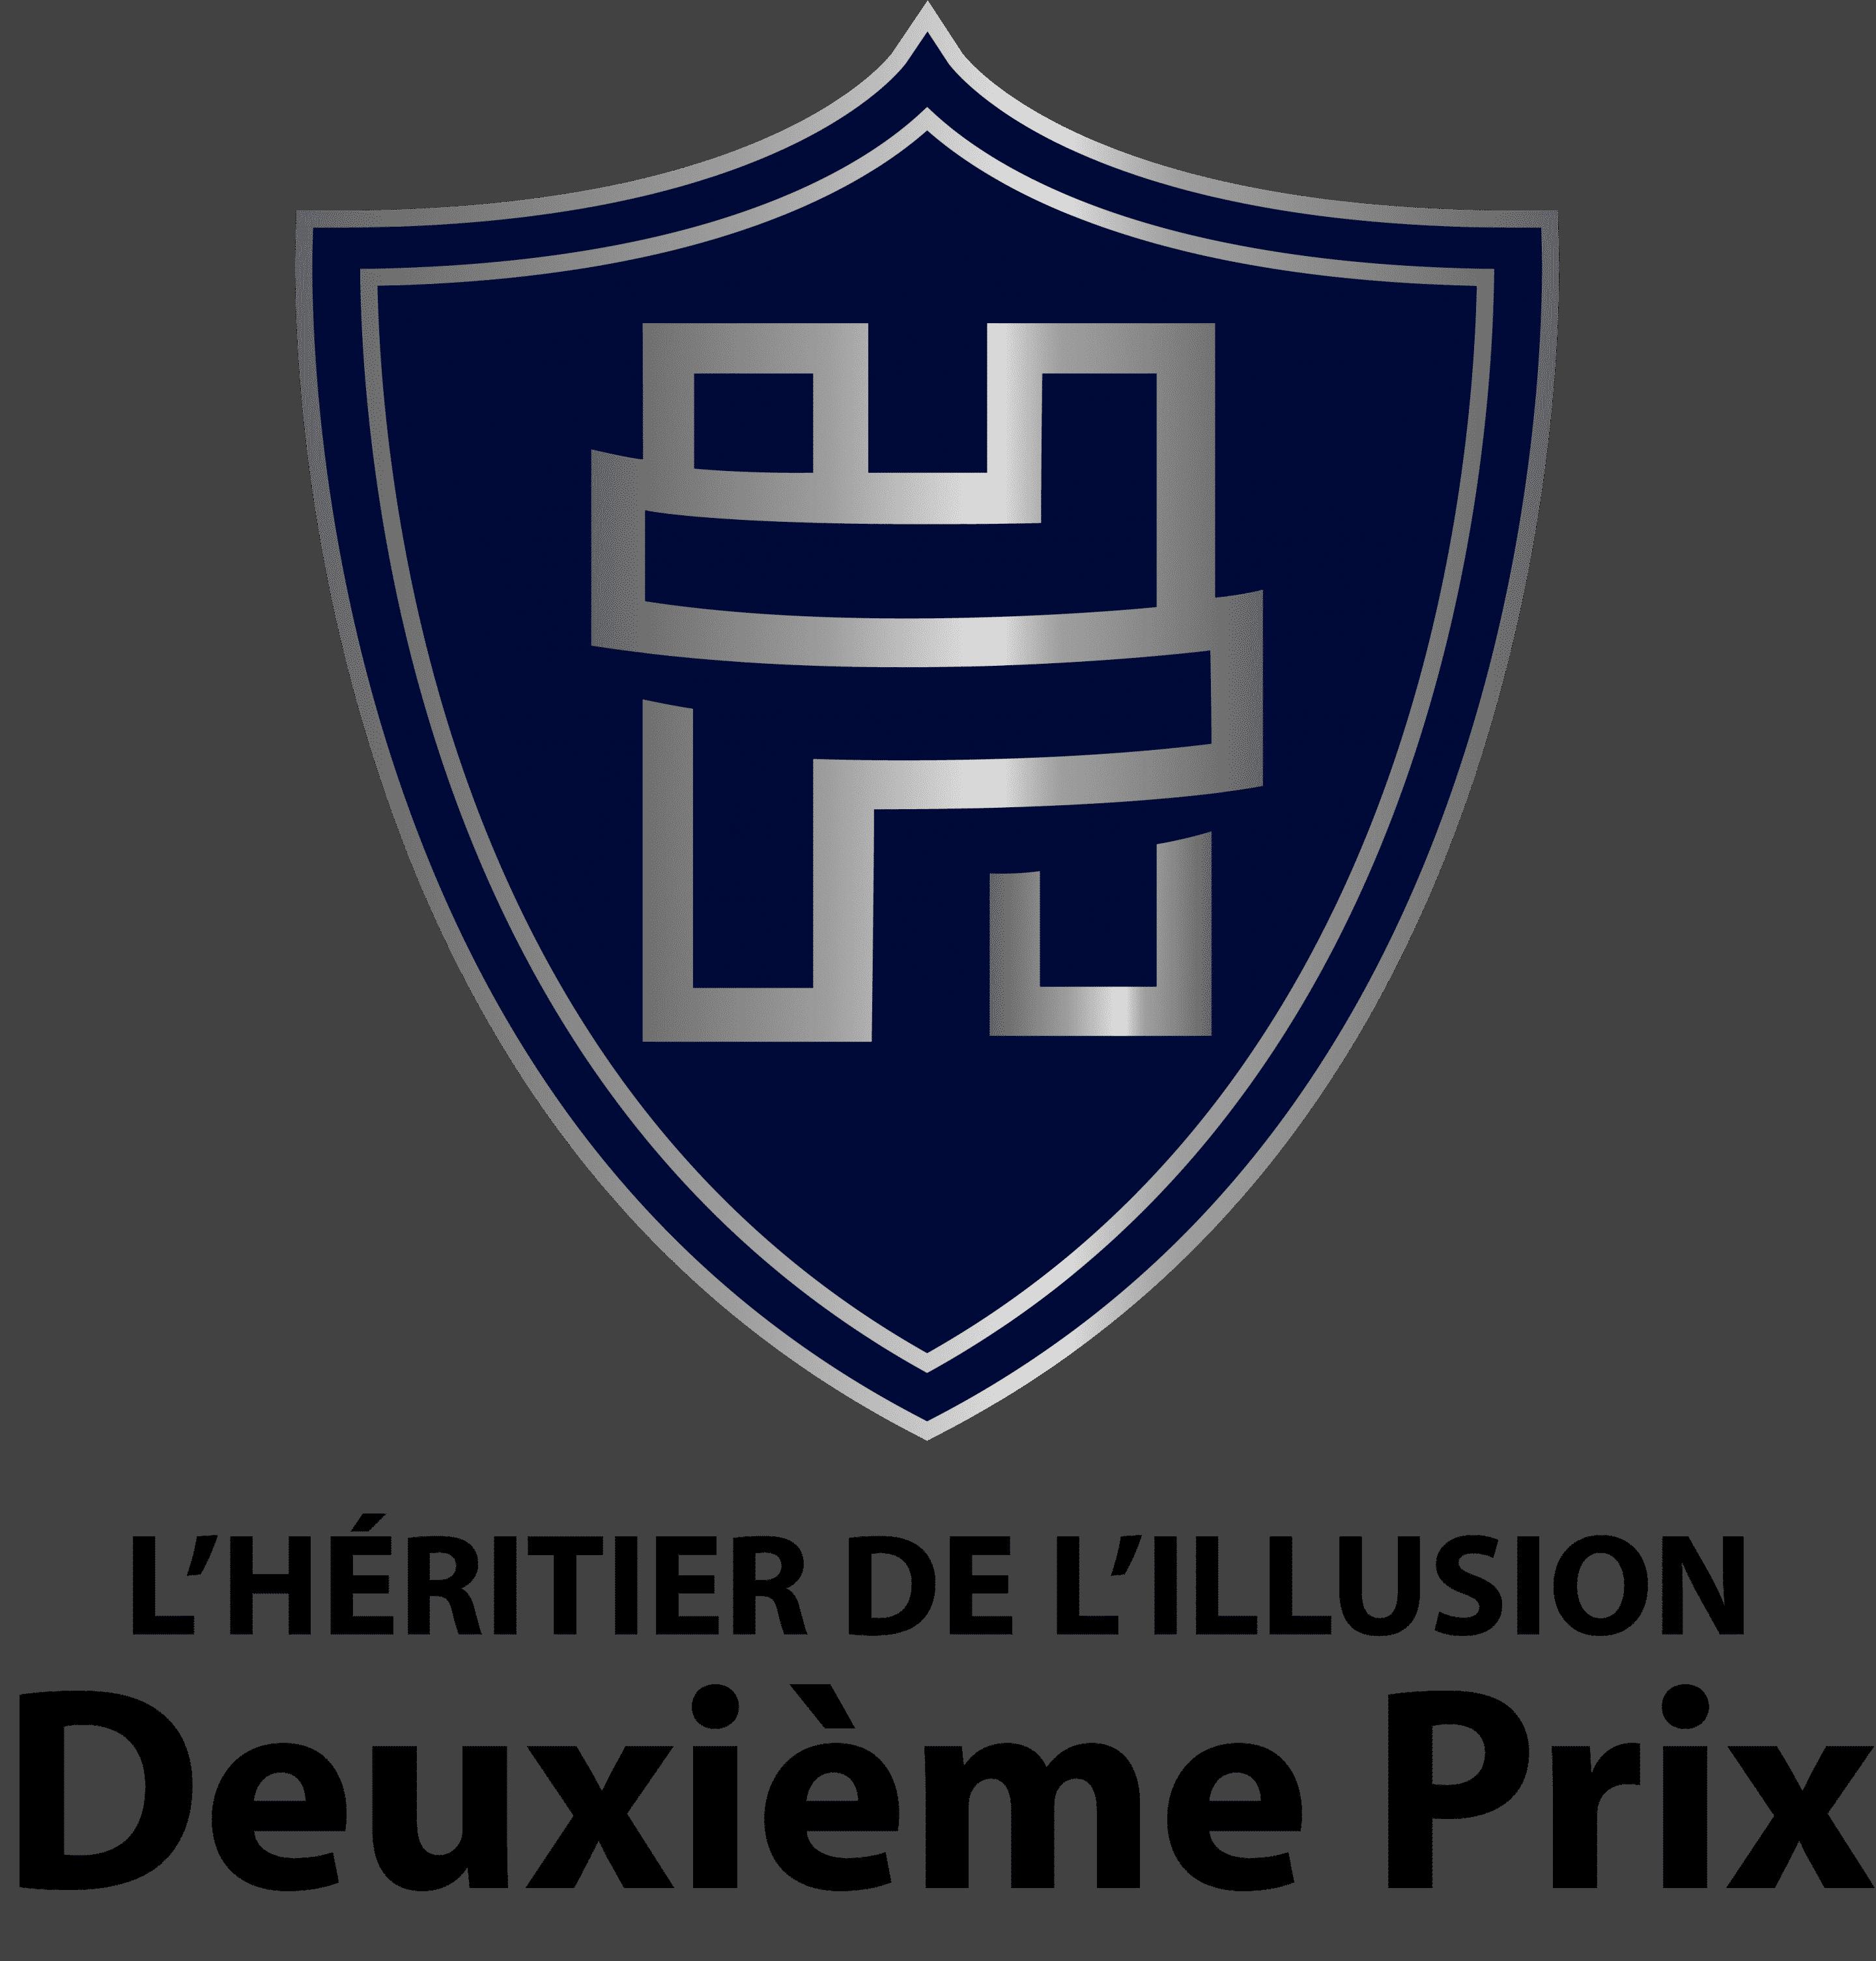 Héritier d'Argent - Deuxième Prix - Charte graphique